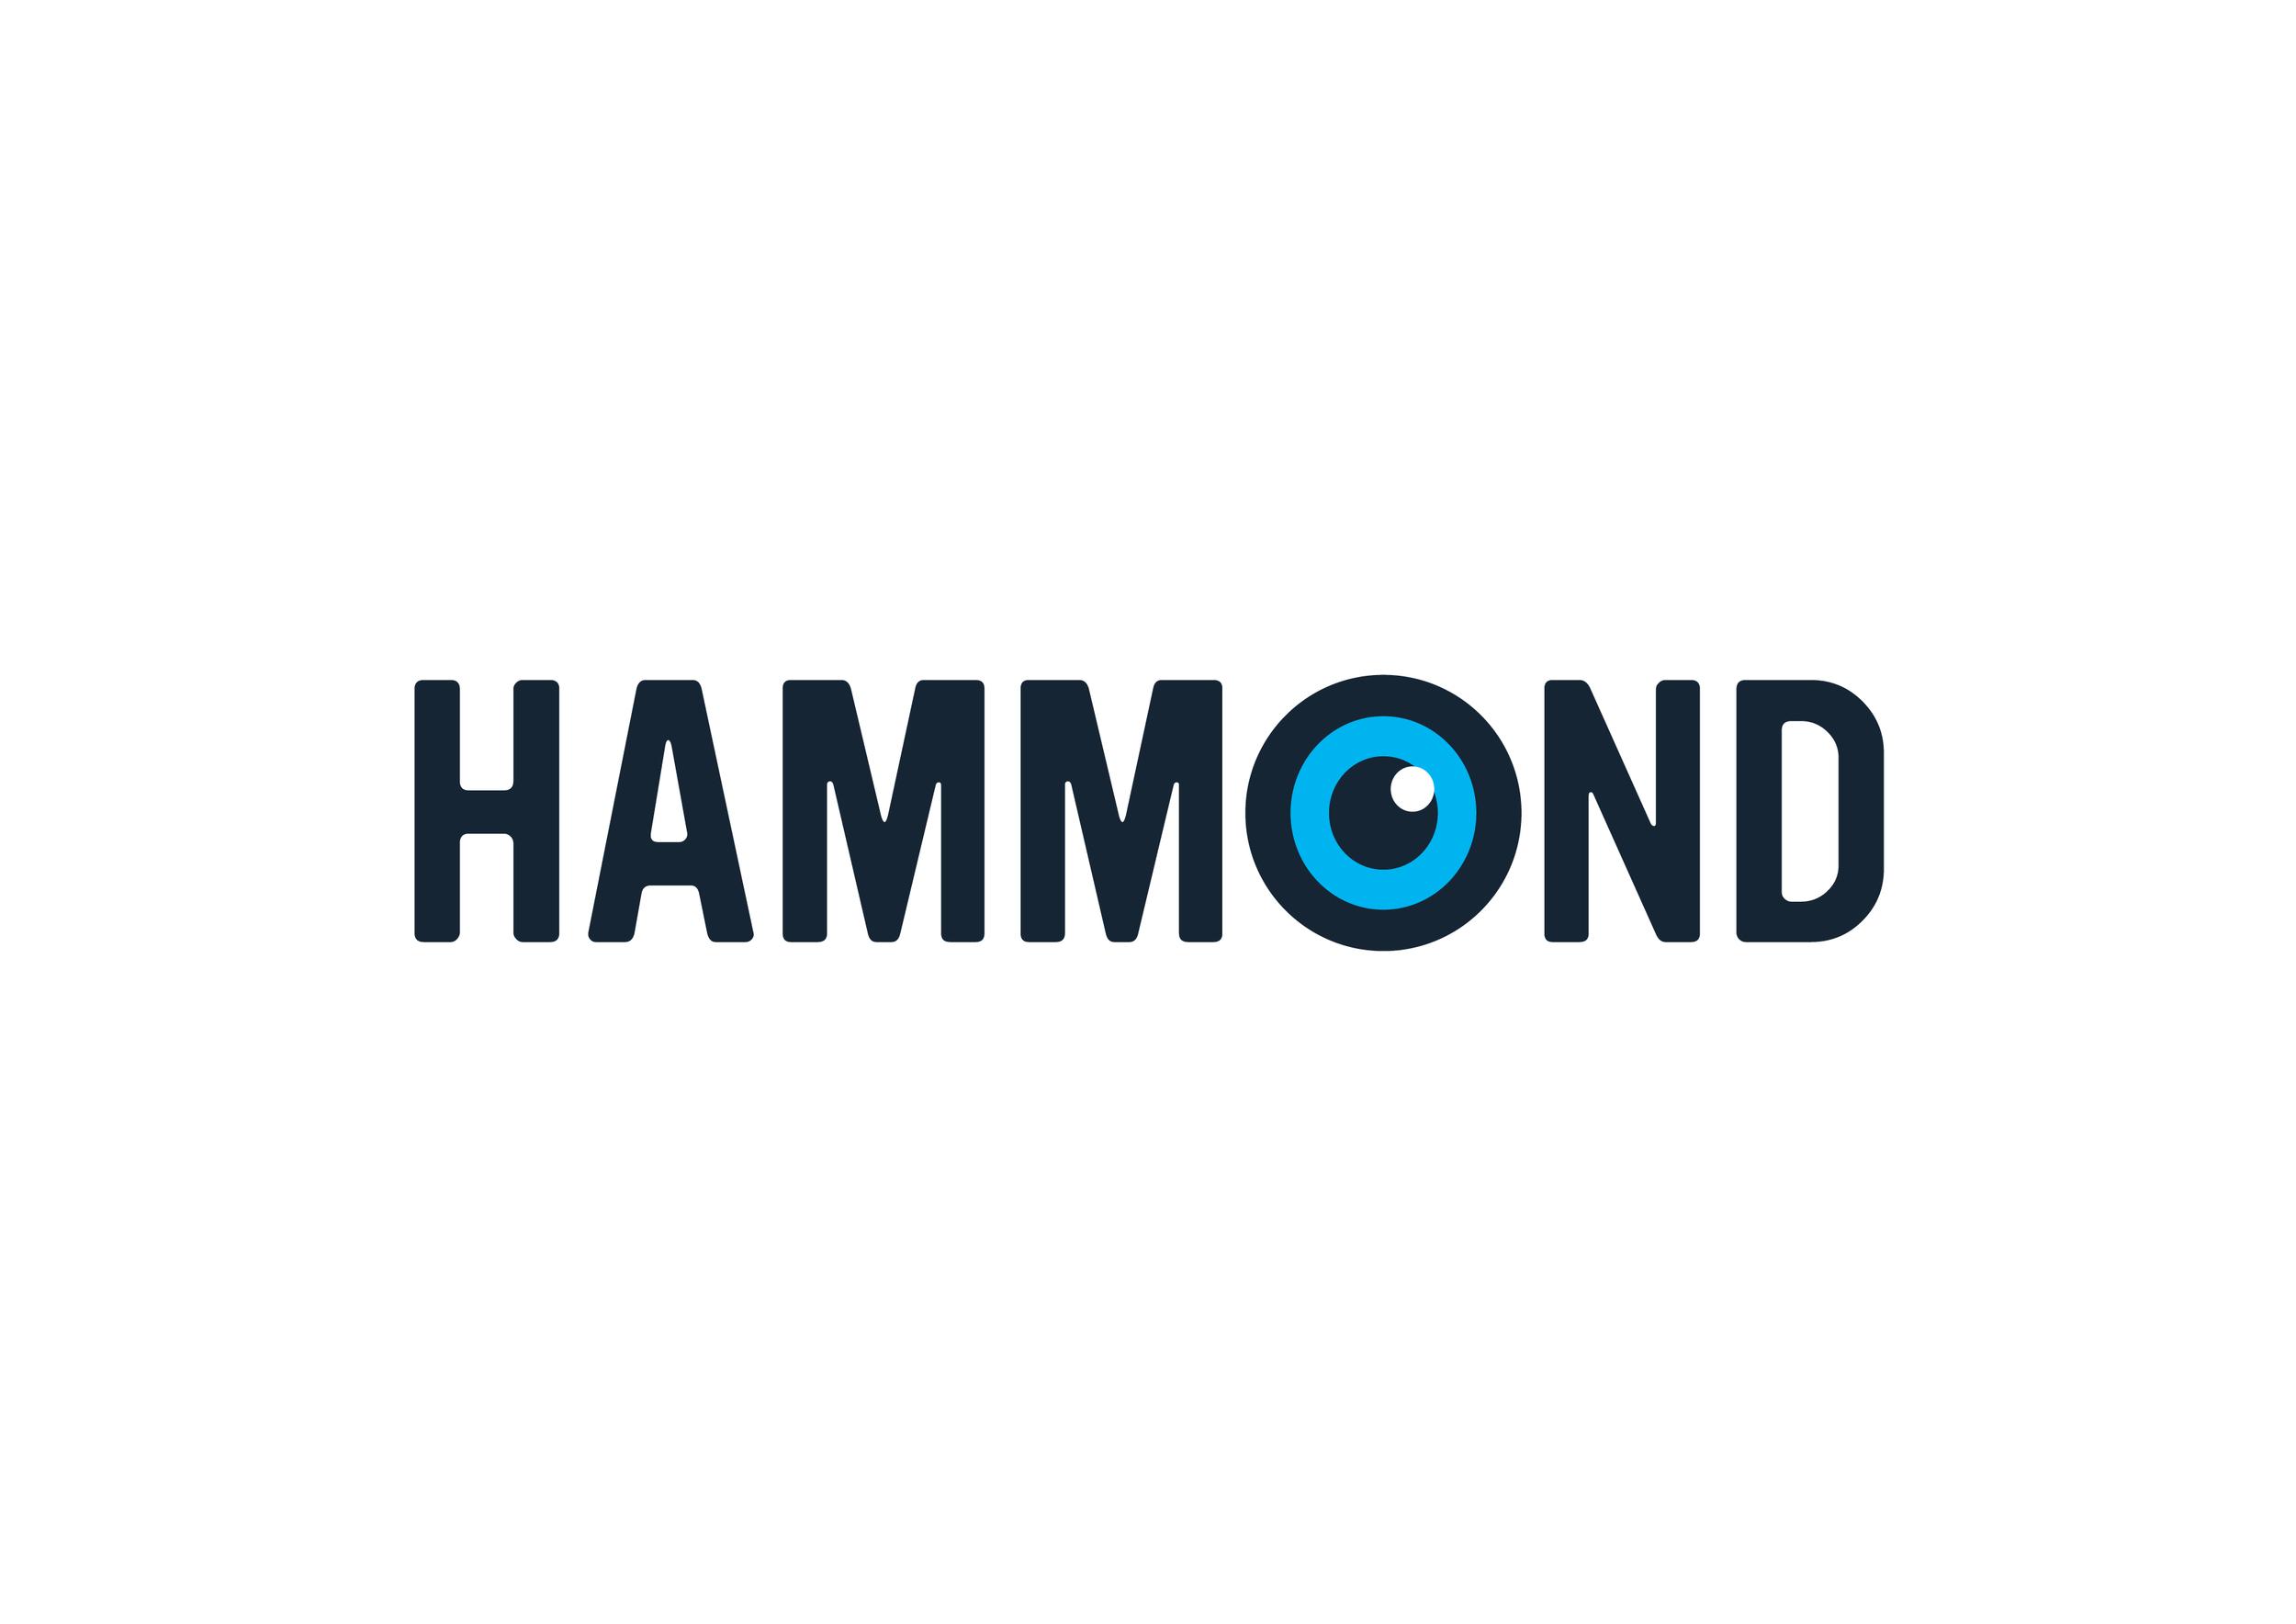 Hammond_Logo_s1.jpg